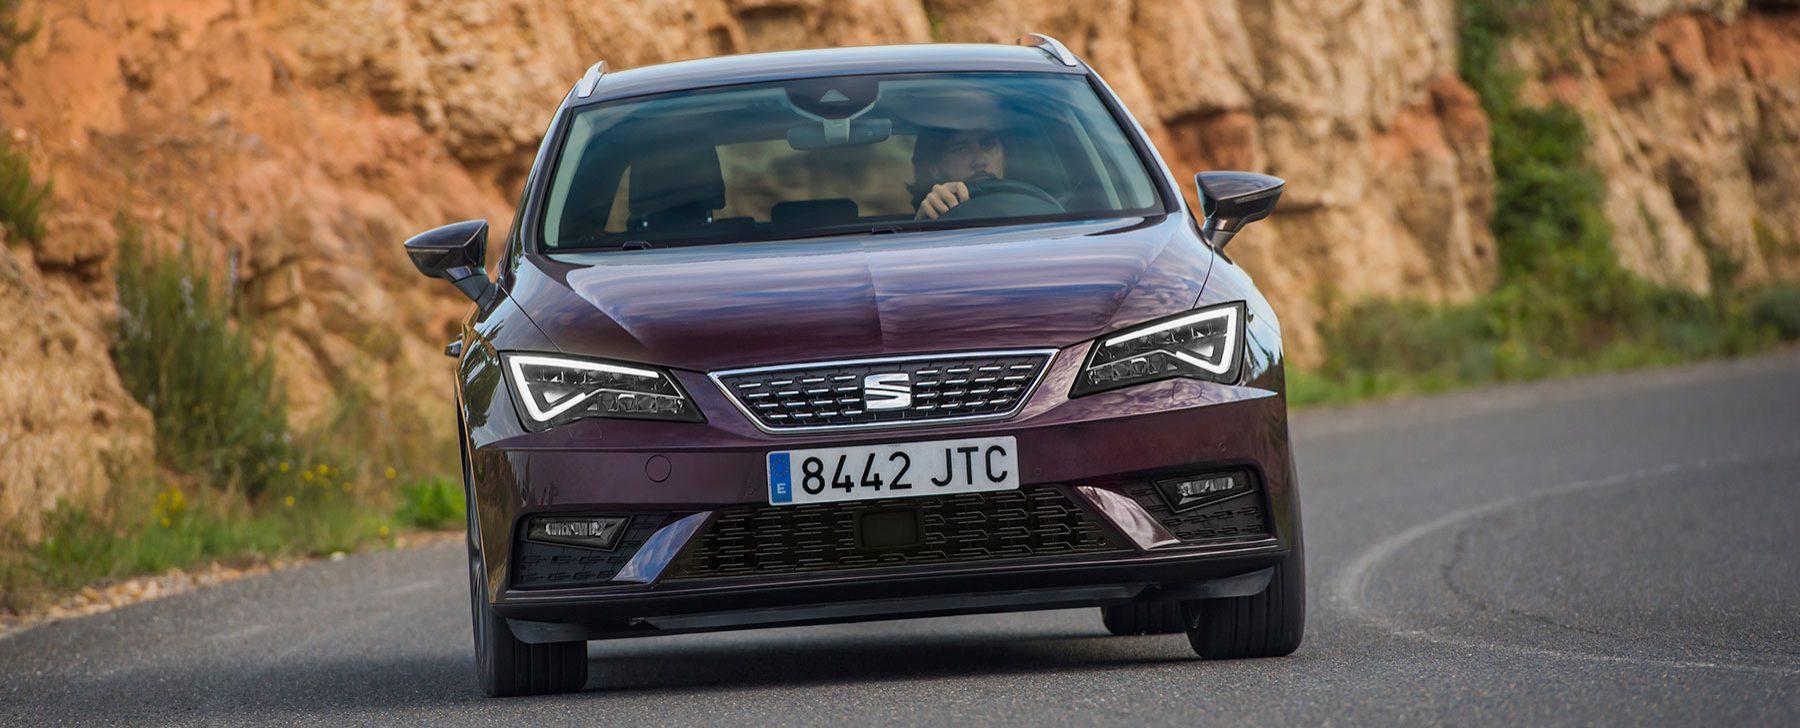 Las versiones más eficientes de los 10 coches más vendidos en España